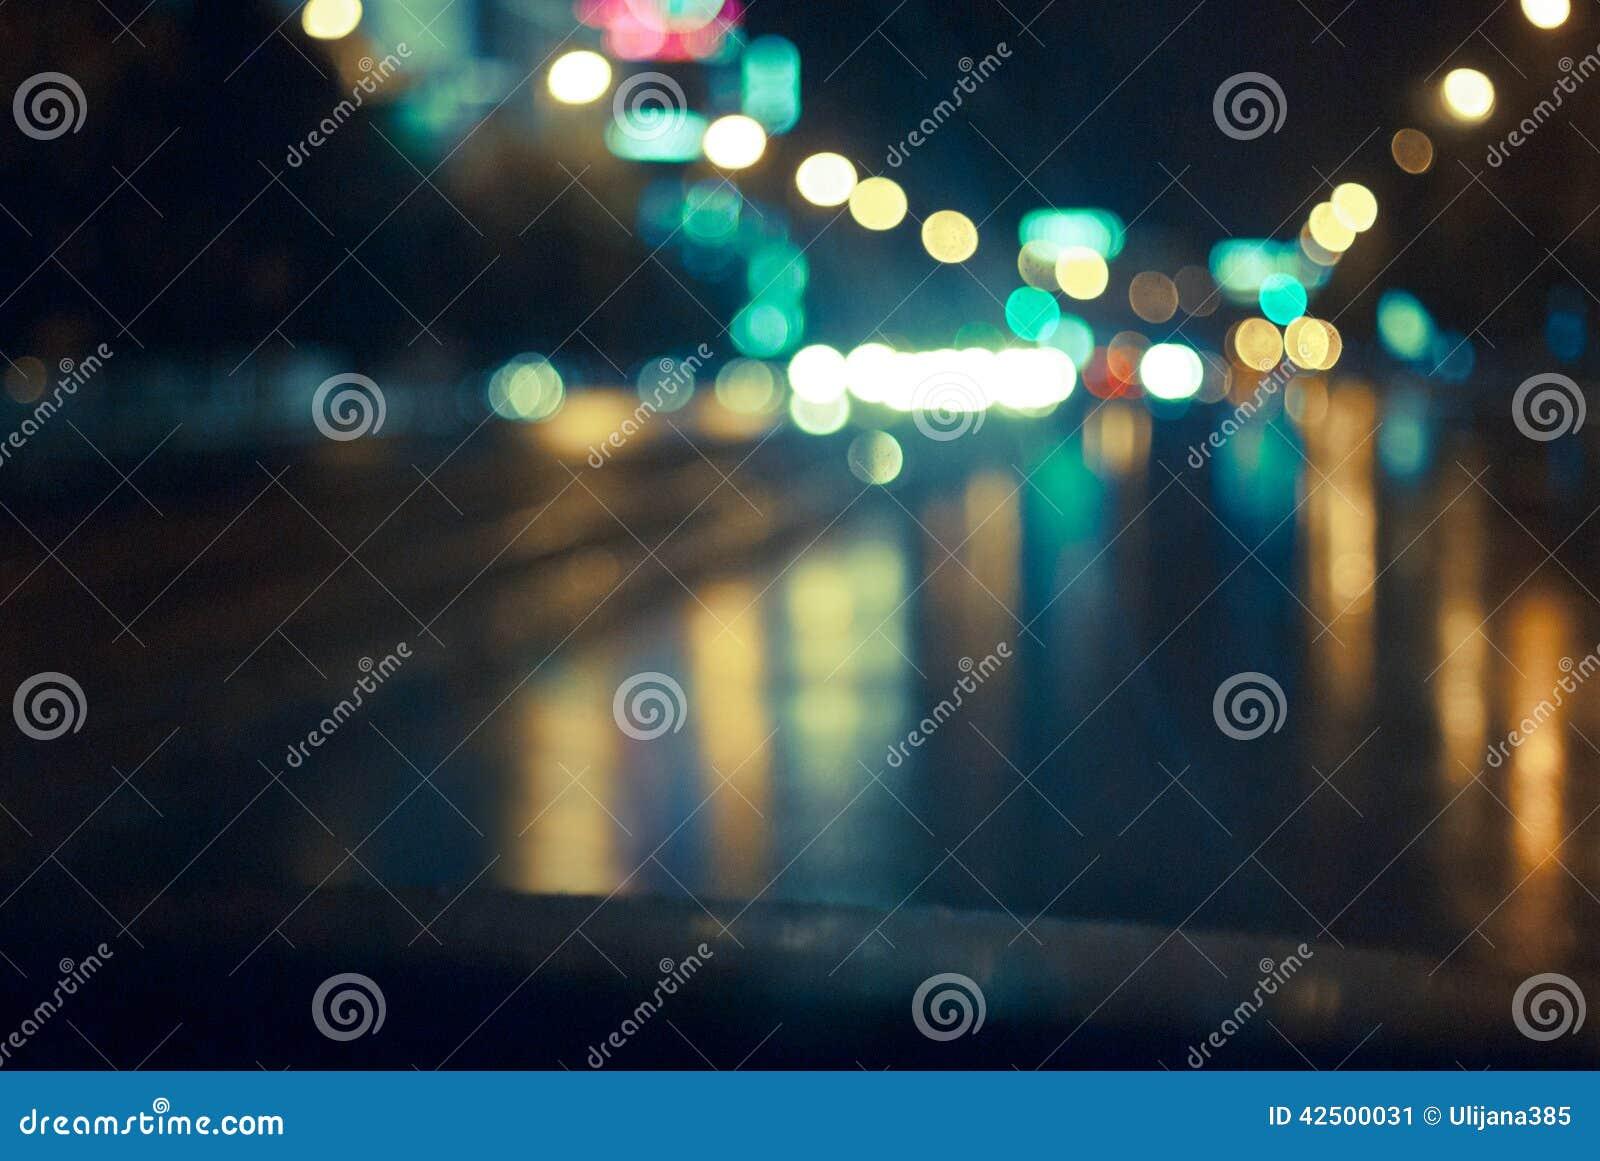 De nachtweg in de stad